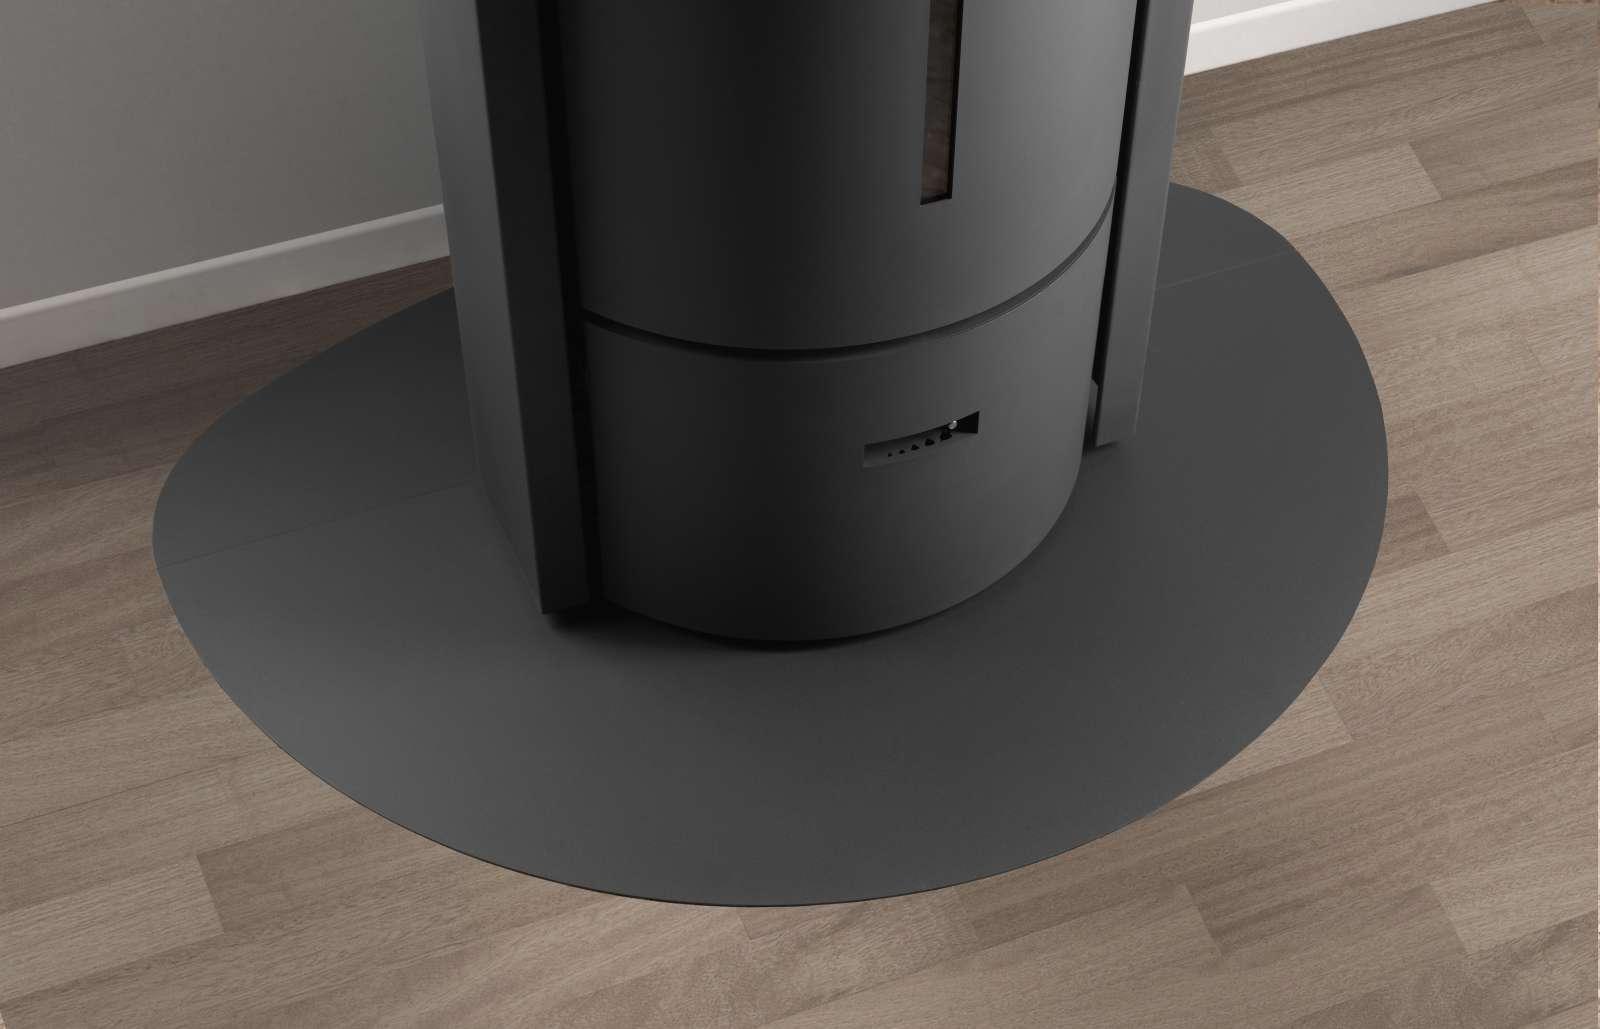 accessoires plaque de protection plaque de sol ovo de st v. Black Bedroom Furniture Sets. Home Design Ideas